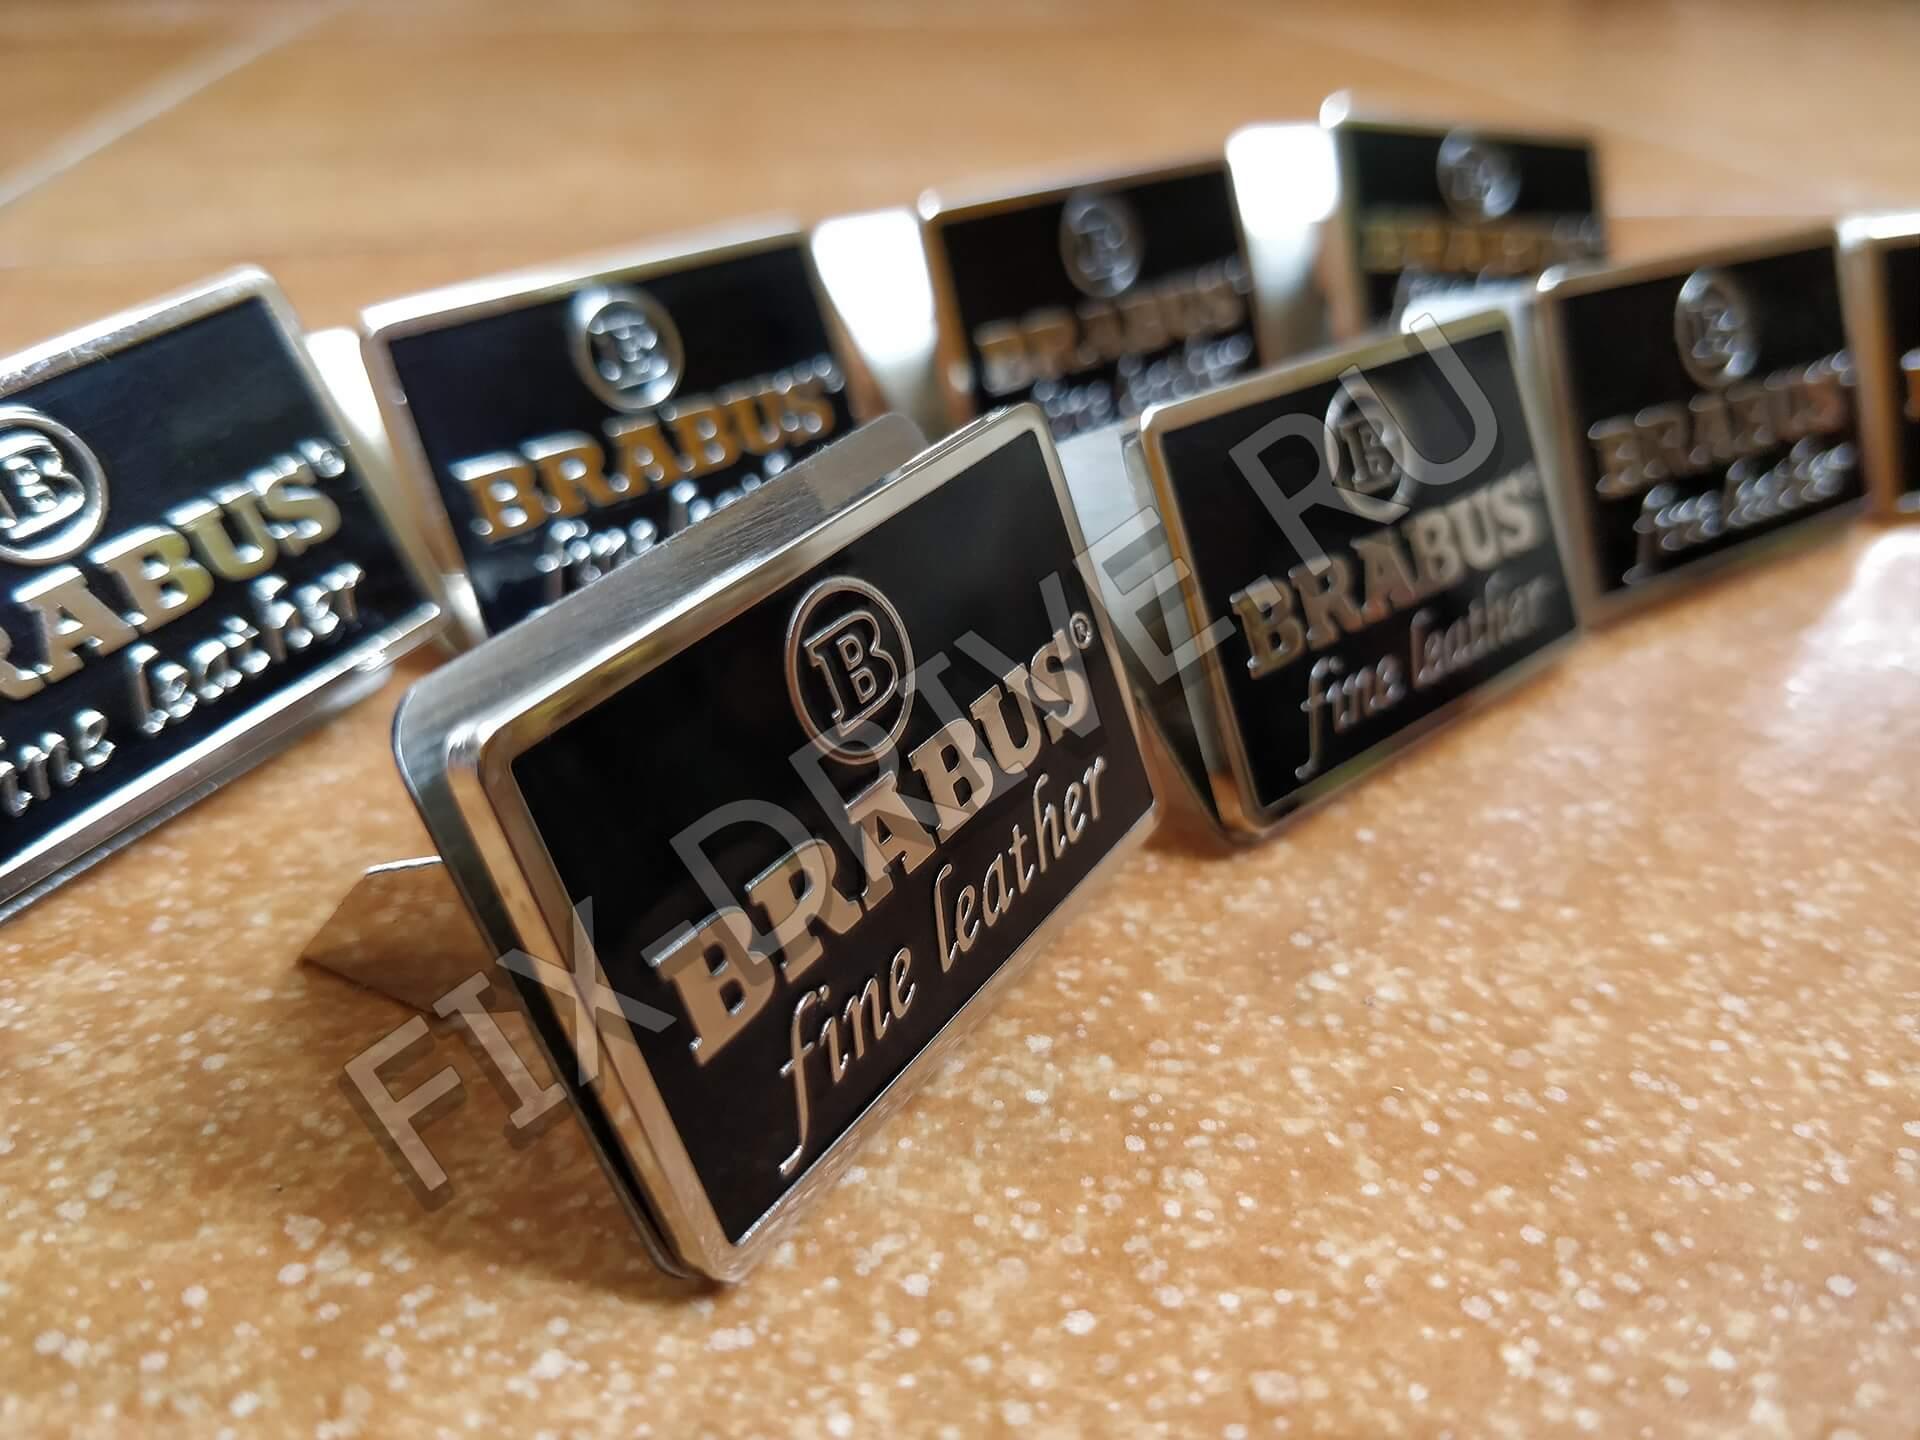 Brabus Fine Leather черные квадратные в сидения Mercedes